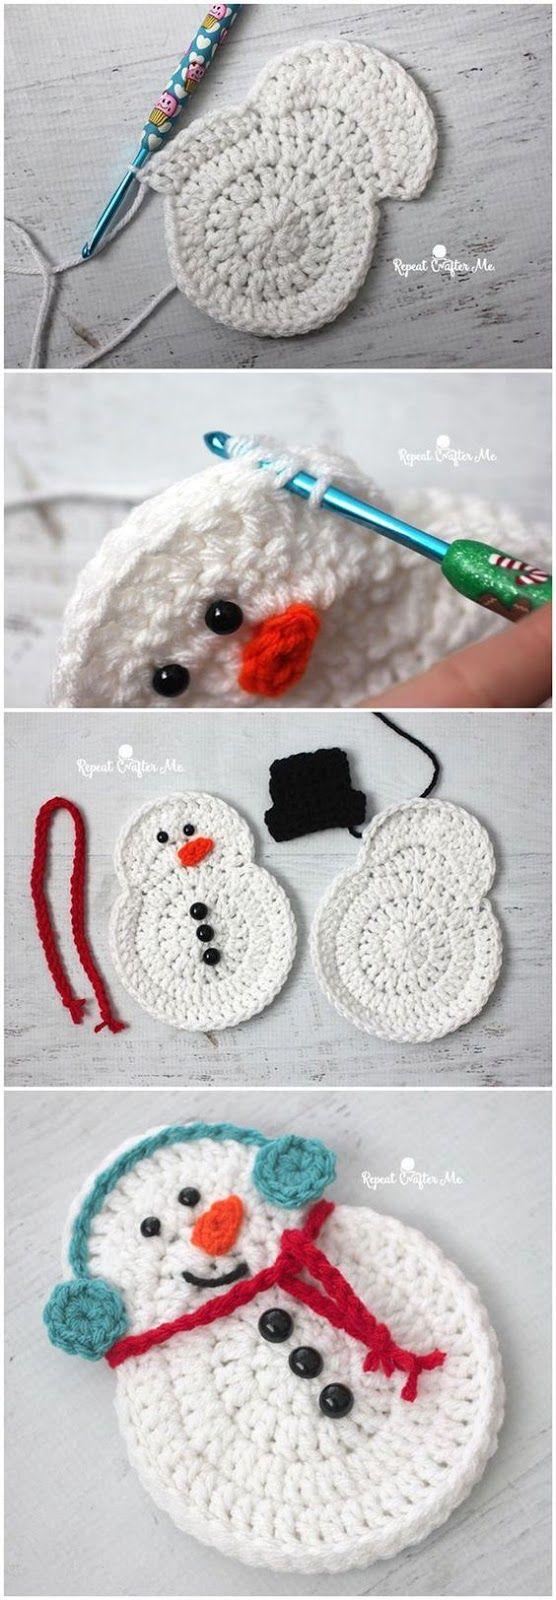 Luty Artes Crochet   crafts   Pinterest   Häkelmuster, Weihnachten ...